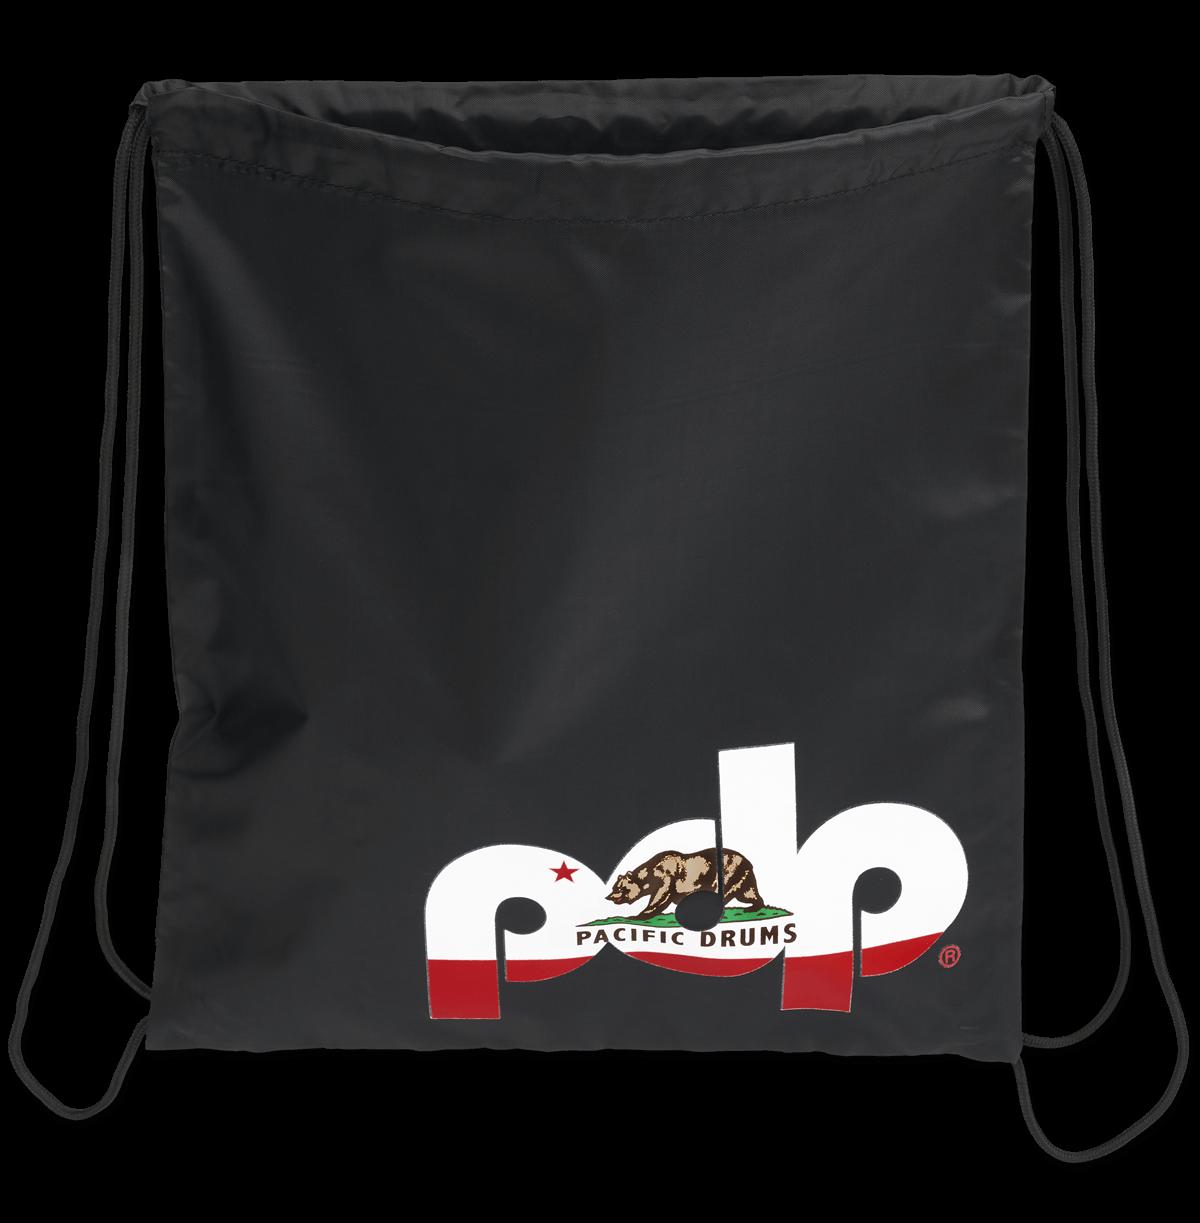 PRDSBAGBLK - PDP Black Cali Drawstring Bag